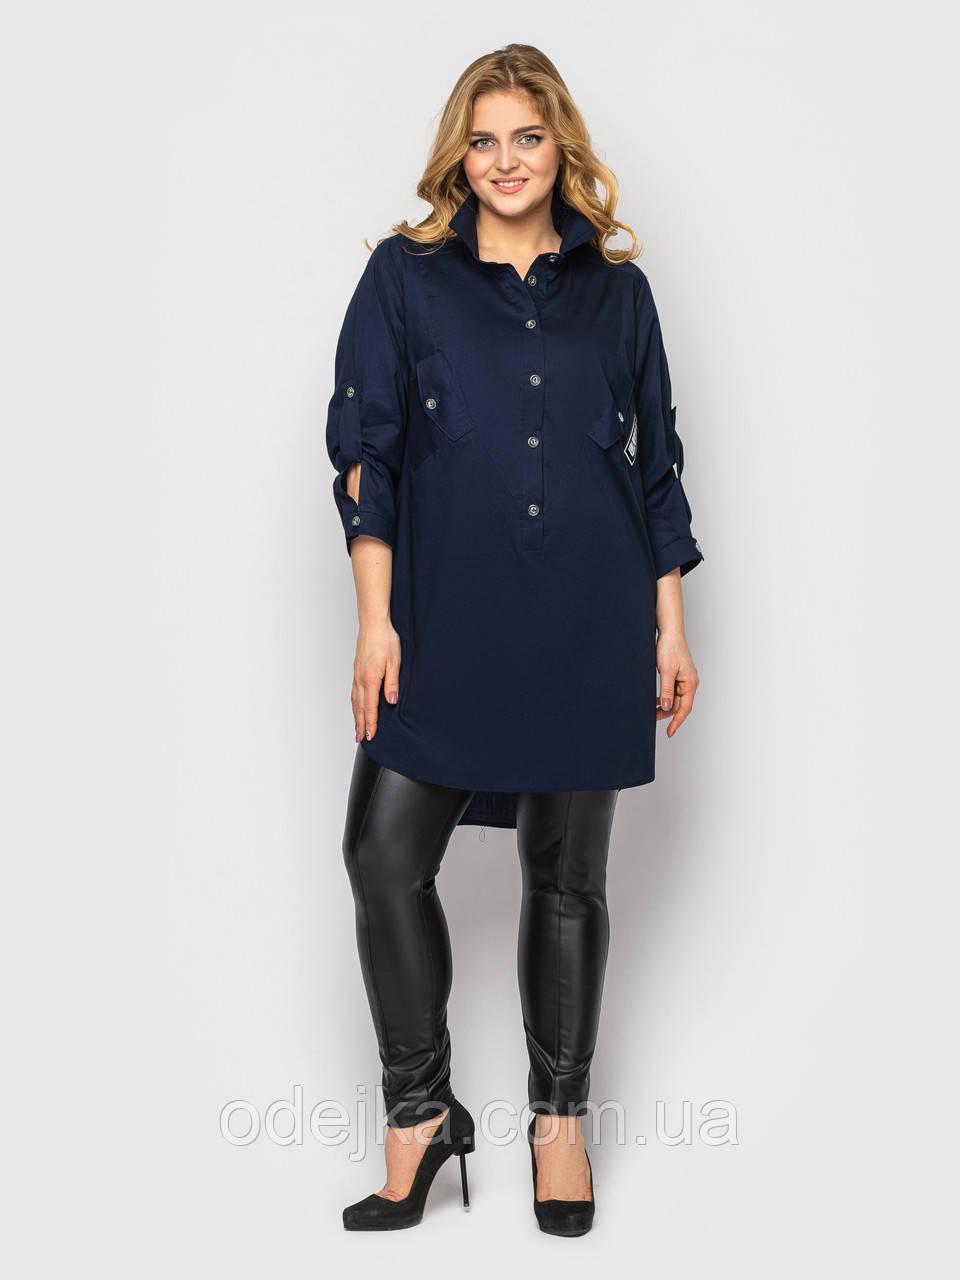 Рубашка женская Стиль синяя